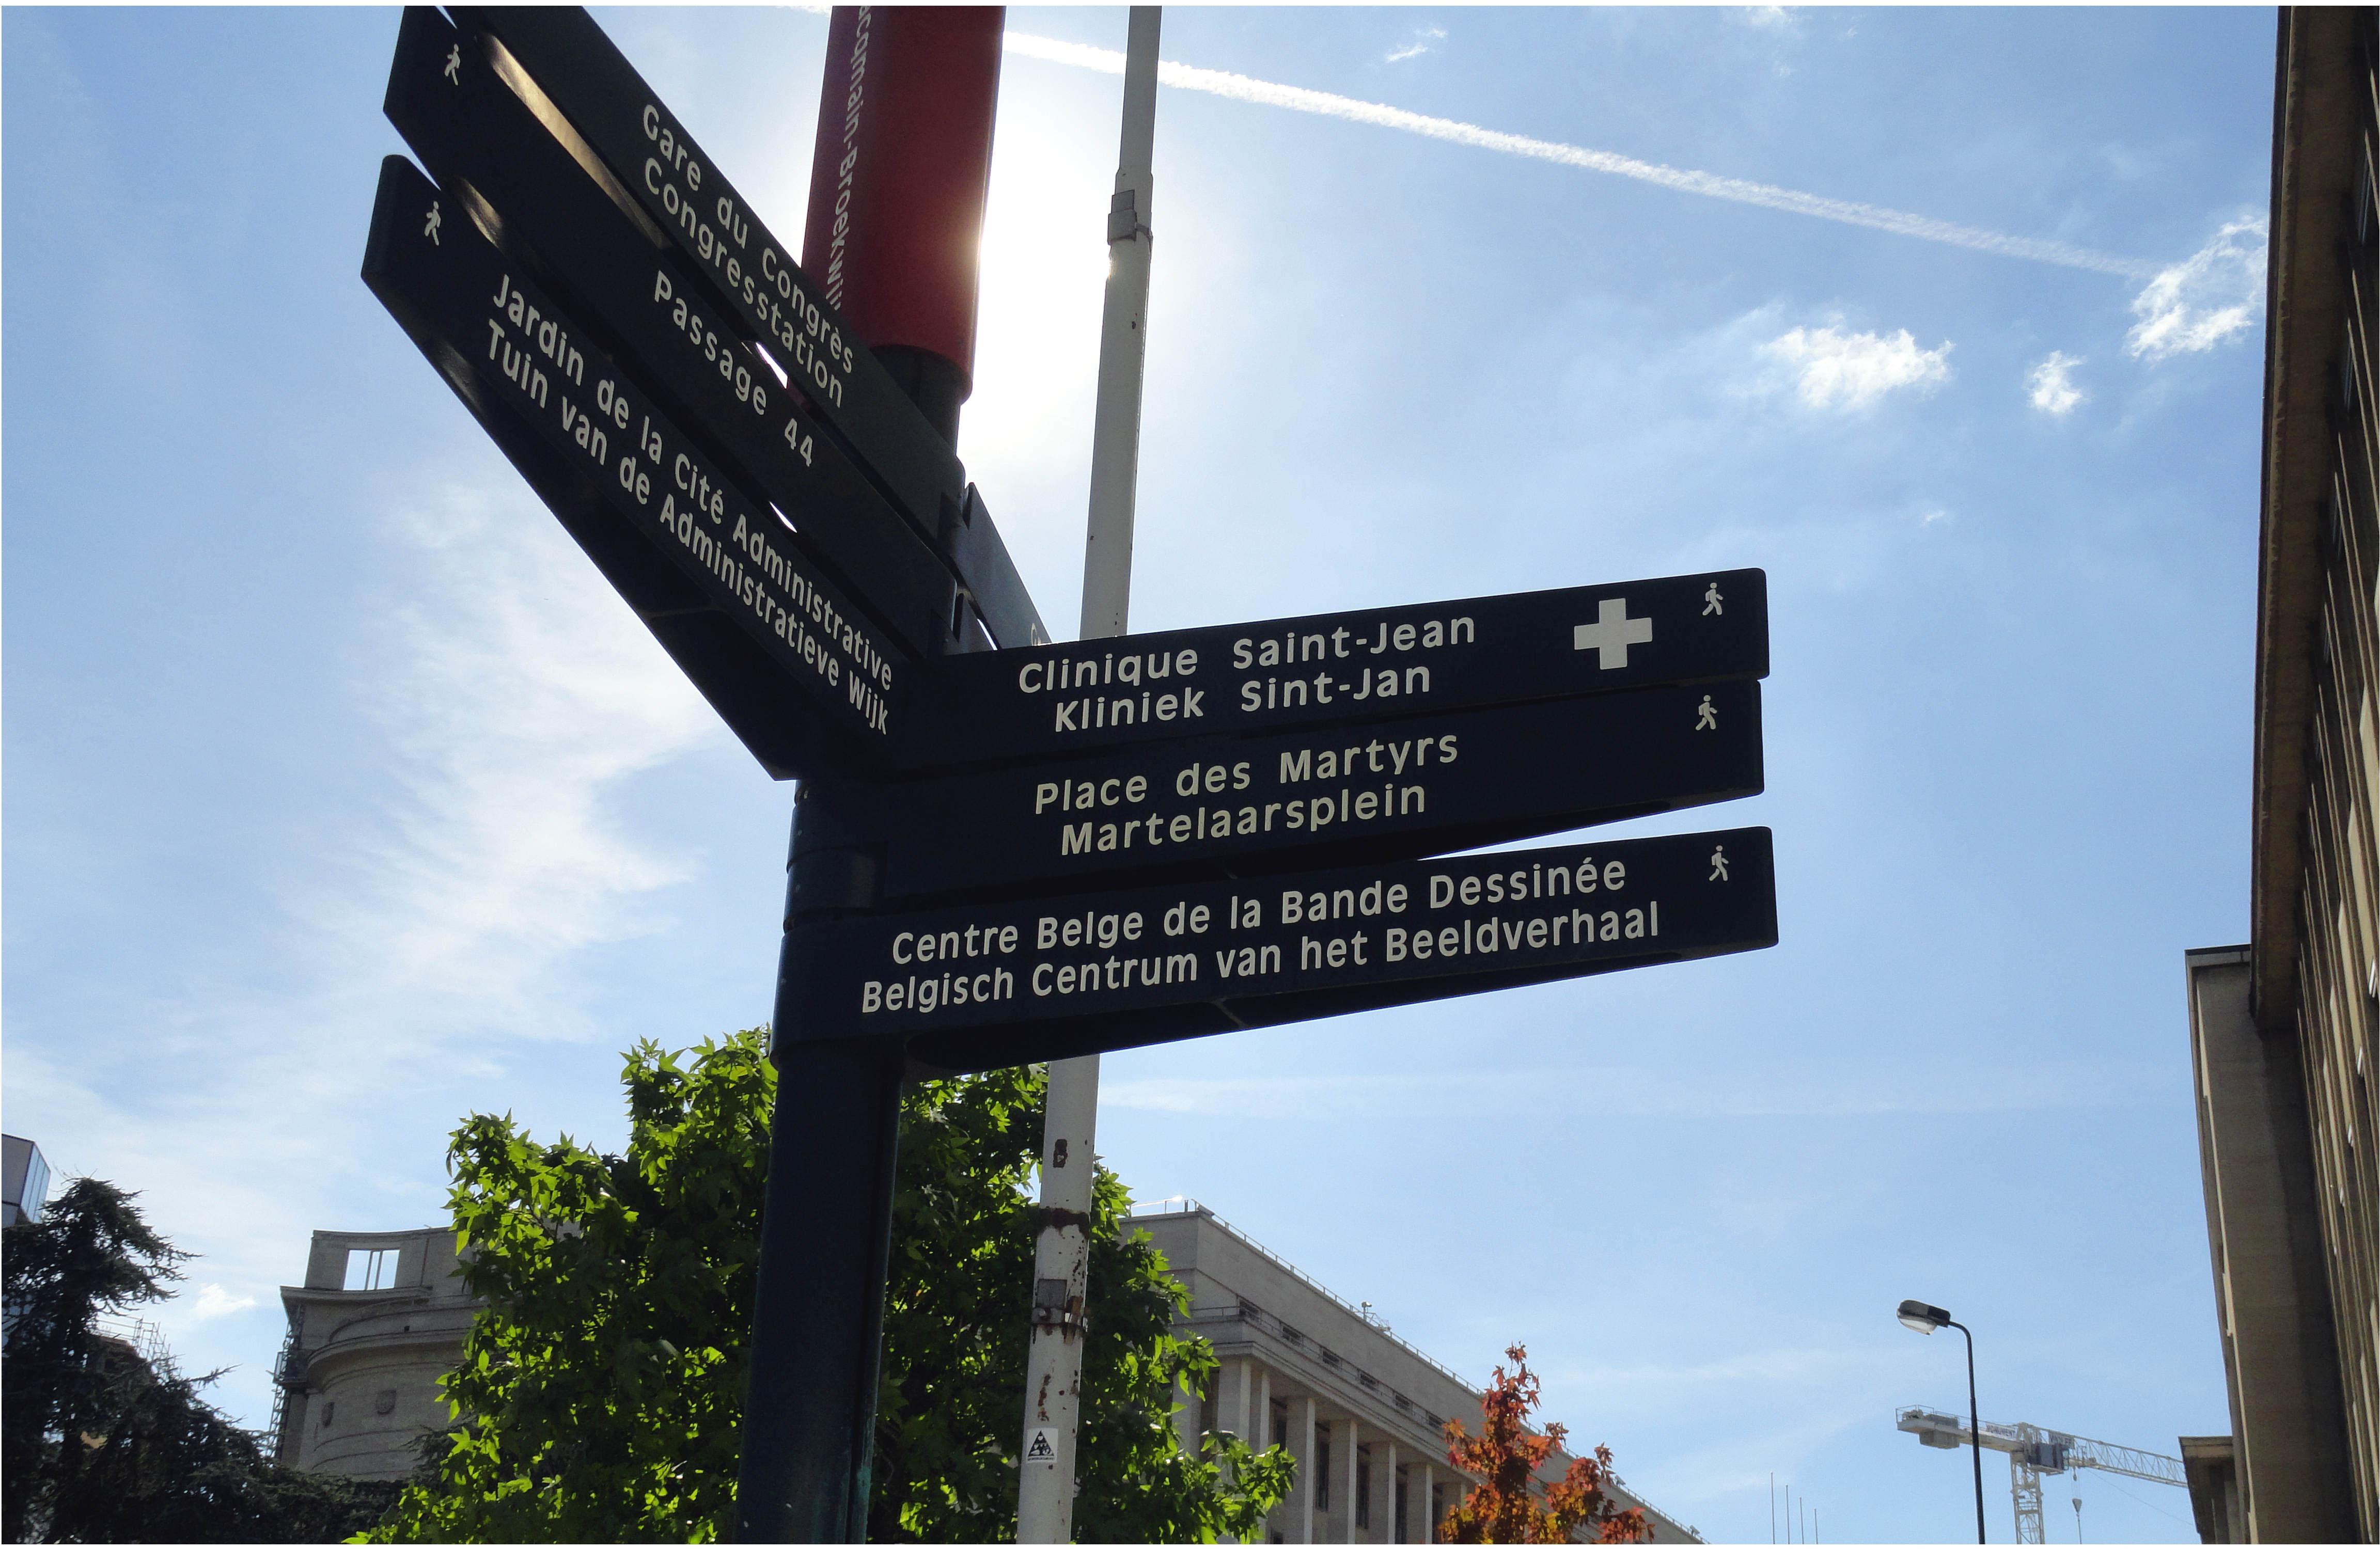 cartel-de-calles-en-bruselas